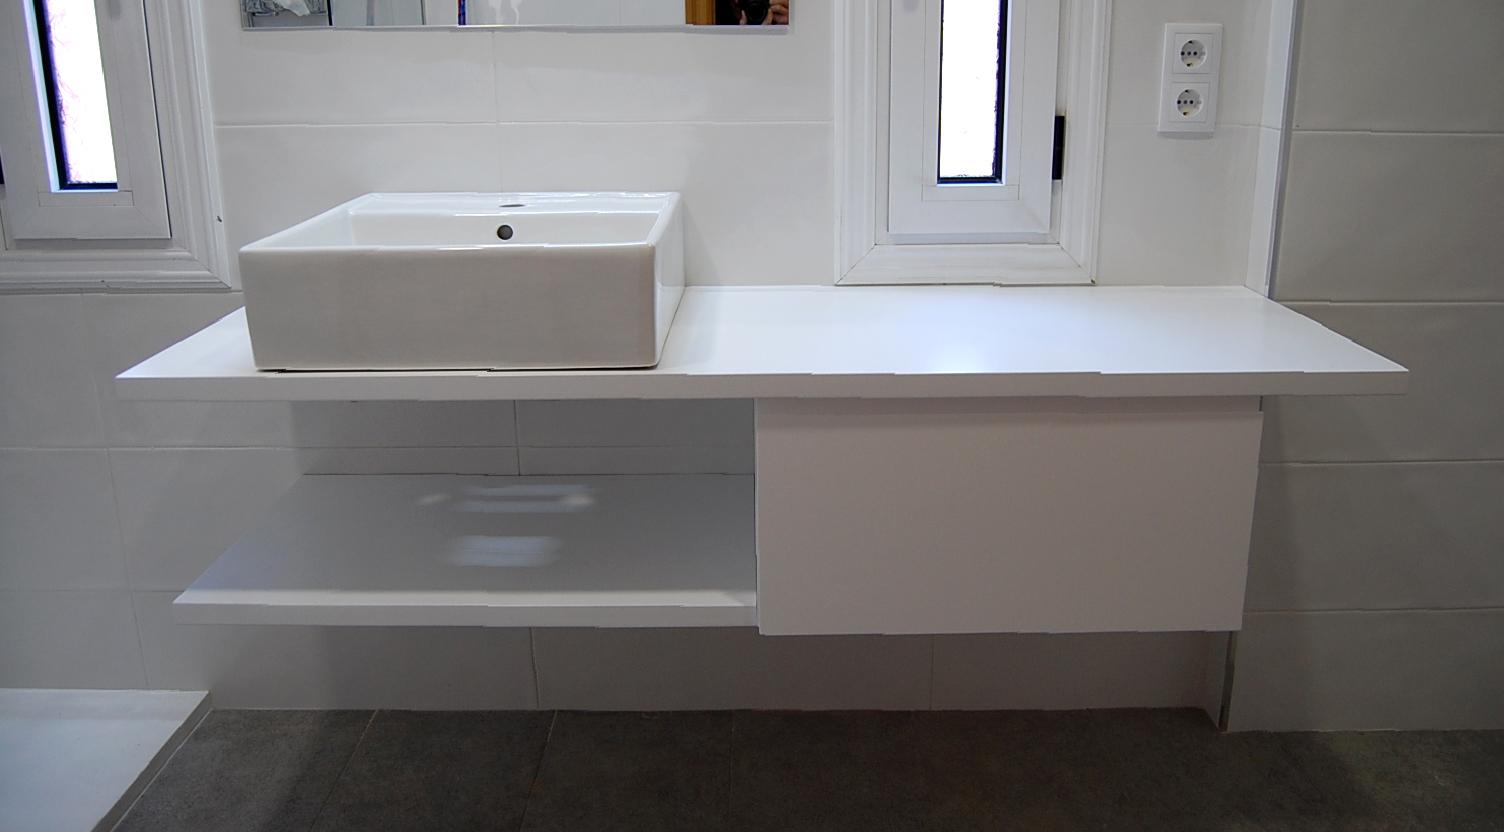 Mueble de baño a medida suspendido lacado blanco satinado con uñero. Encimera hidrófuga, cajón con guía de extracción total con freno y estante.